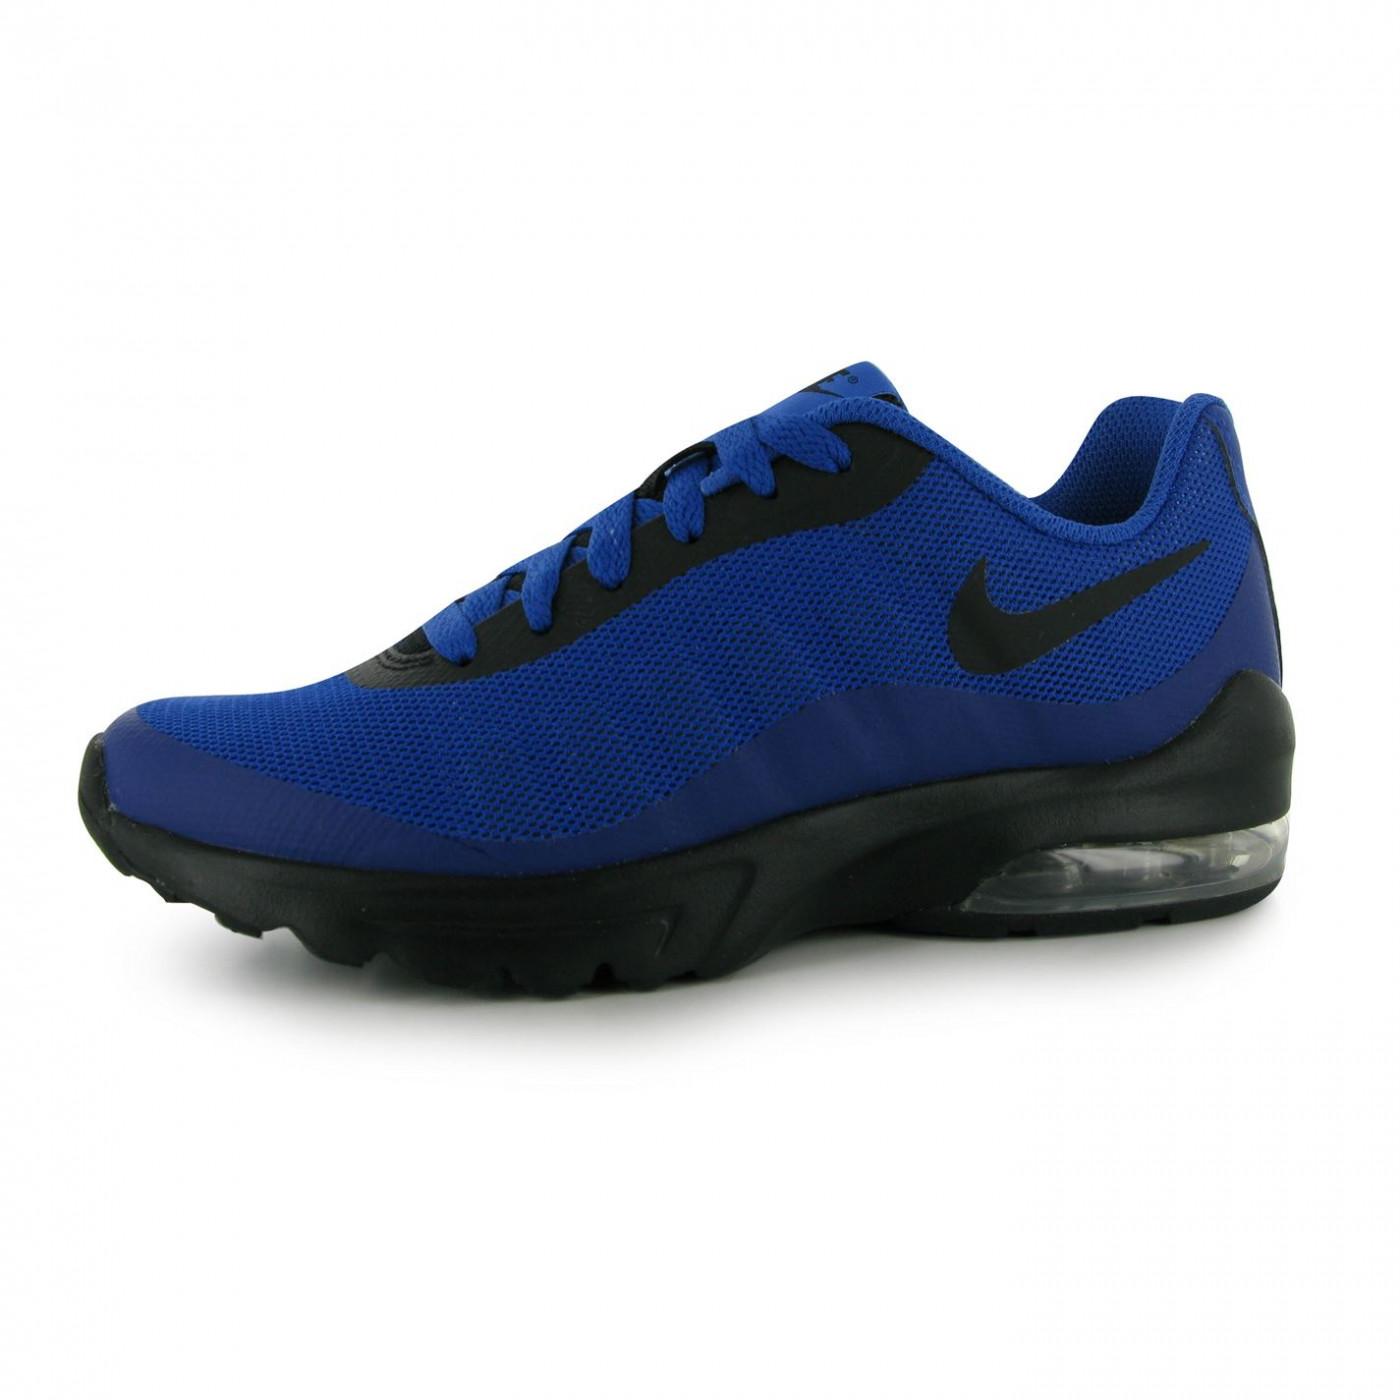 c5bb90a59d Nike Air Max Invigor Trainers Junior Boys - FACTCOOL